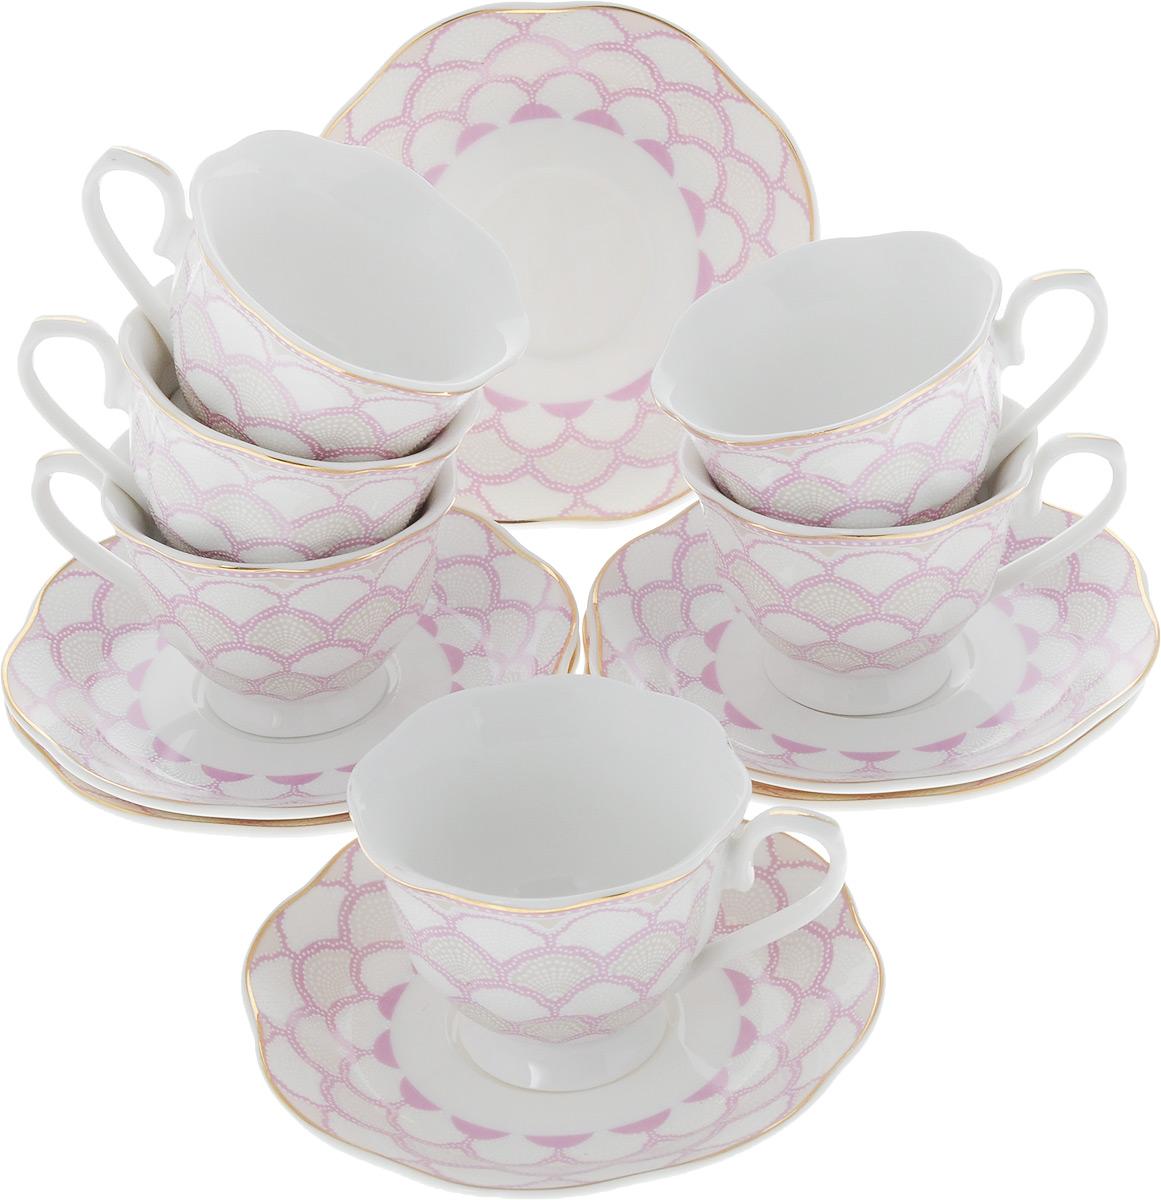 Кофейный сервиз Loraine, 80 мл, цвет: белый, розовый, 12 предметовDM9013Кофейный сервиз Loraine на 6 персон выполнен из высококачественного костяного фарфора - материала, безопасного для здоровья и надолго сохраняющего тепло напитка. В наборе 6 чашек и 6 блюдец. Несмотря на свою внешнюю хрупкость, каждый из предметов набора обладает высокой прочностью и надежностью.Изделия украшены тонкой золотой каймой, внешние стенки дополнены красивым рельефным рисунком. Элегантный классический дизайн сделает этот набор изысканным украшением любого стола.Набор упакован в подарочную коробку, поэтому его можно преподнести в качестве оригинального и практичного подарка для родных и близких.Объем чашки: 80 мл.Диаметр чашки (по верхнему краю): 6,5 см.Высота чашки: 5,5 см.Диаметр блюдца: 11,5 см.